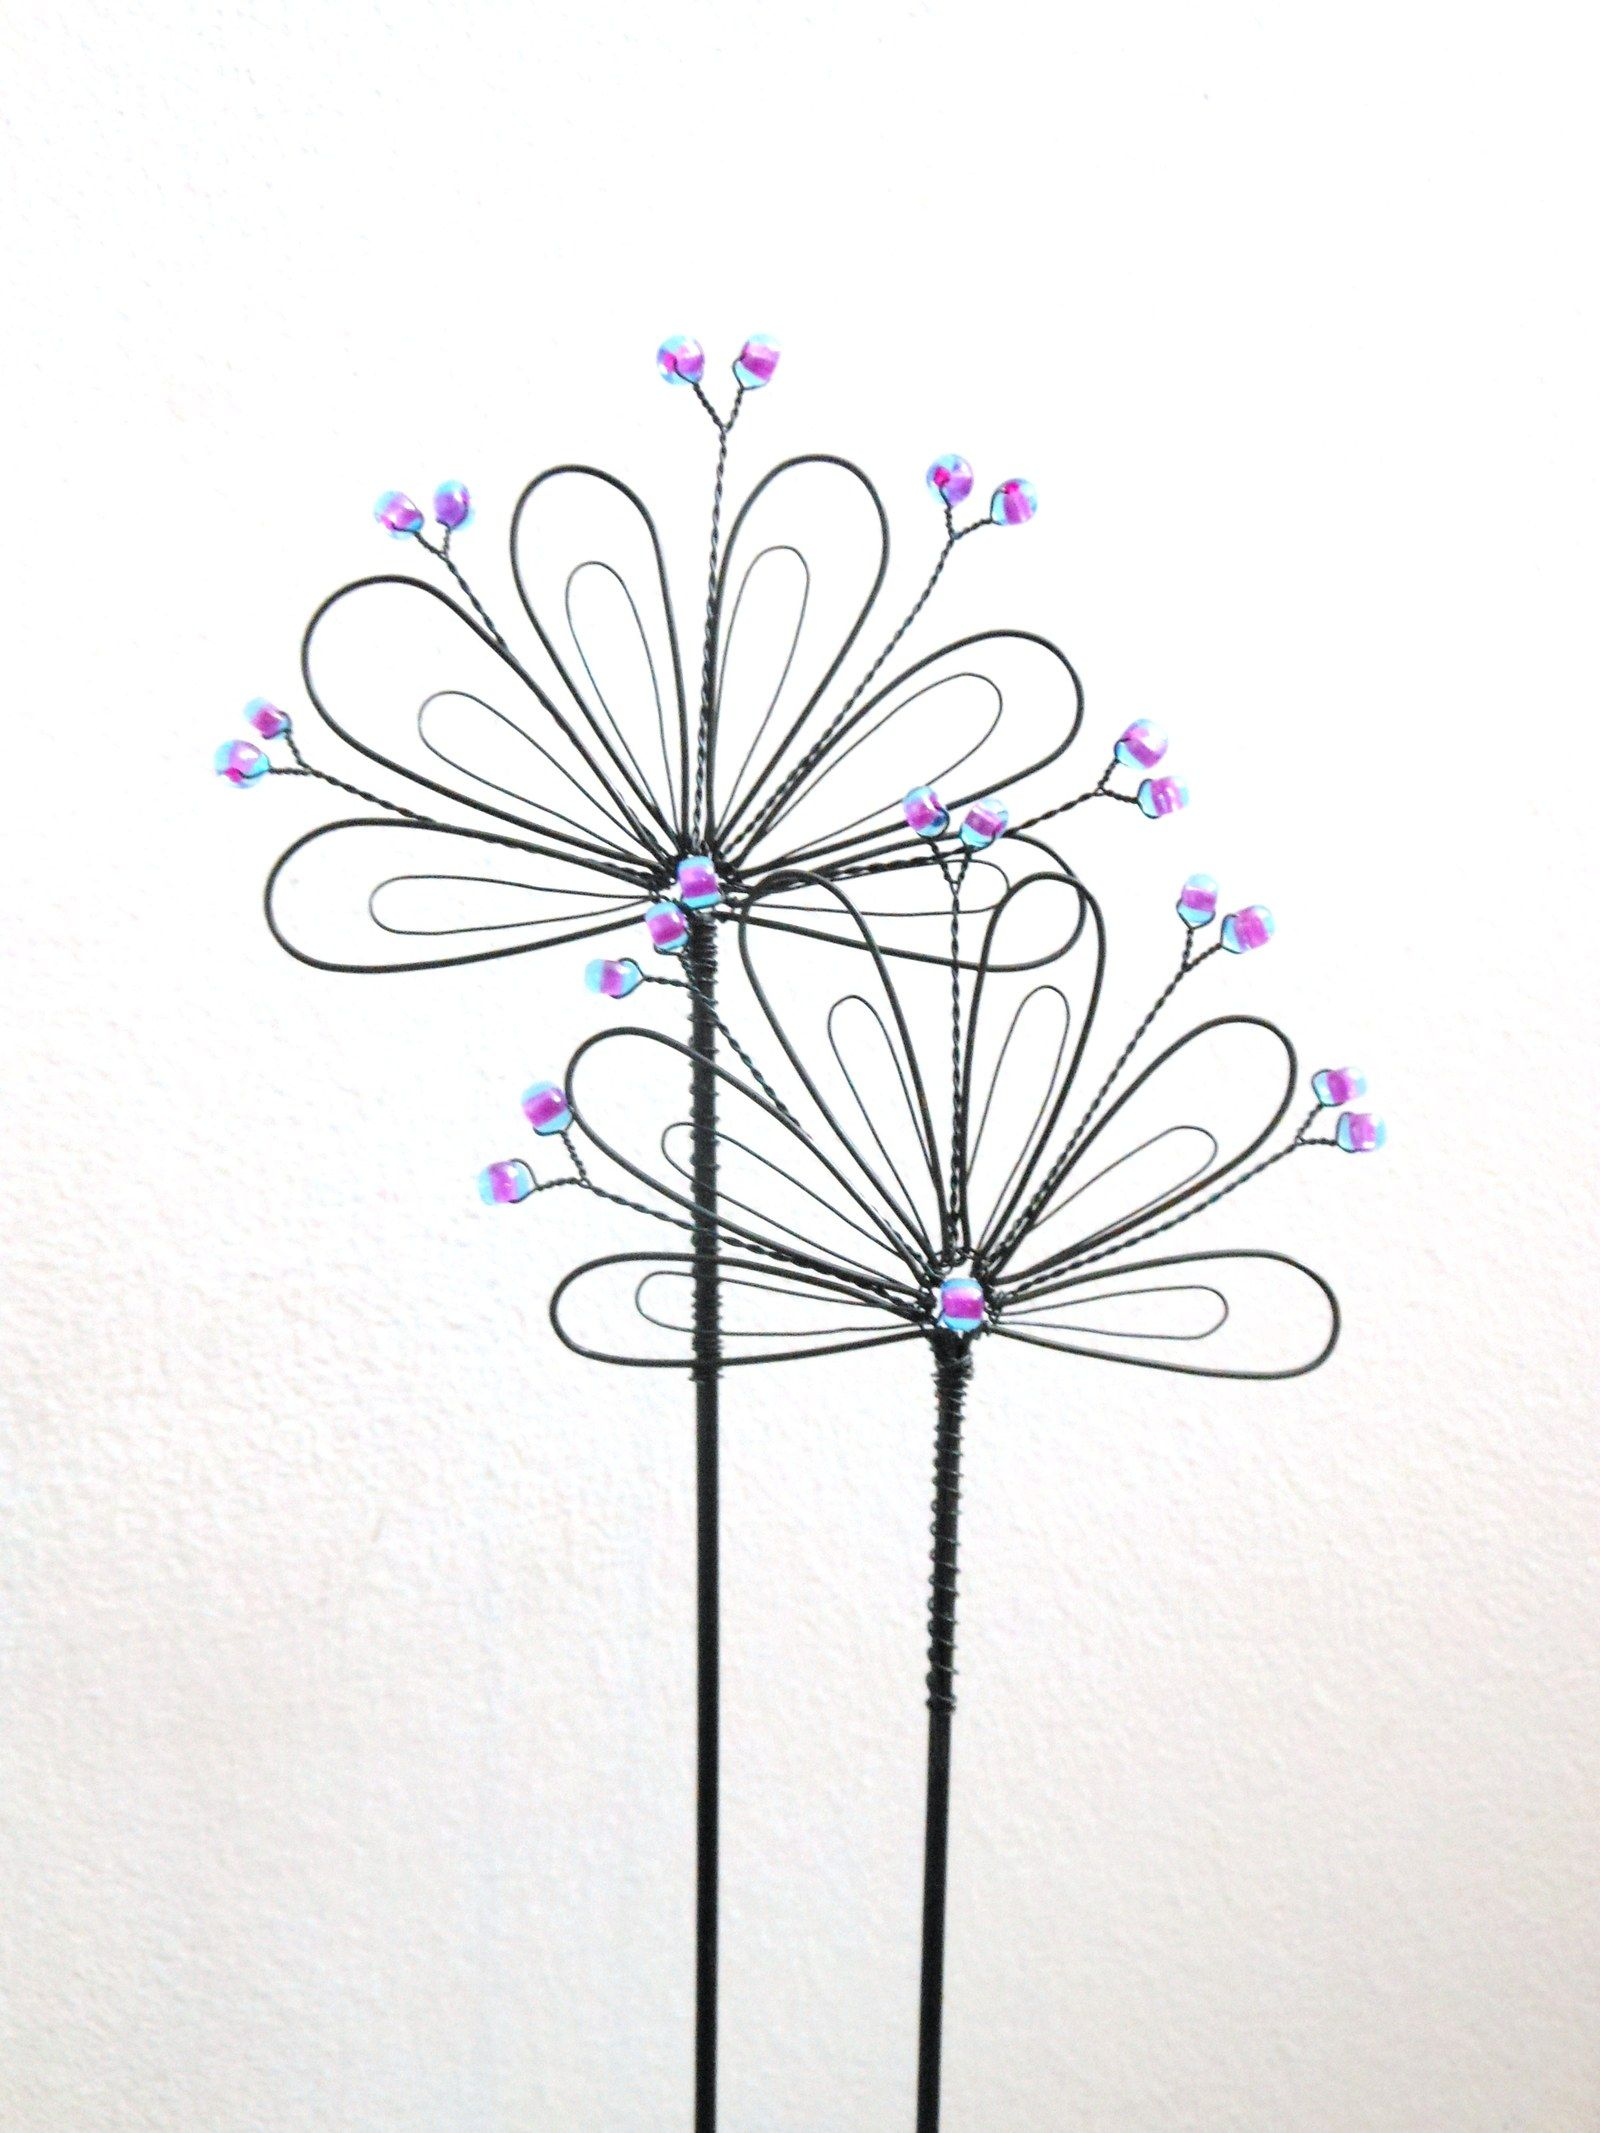 Pin by Danuta Haftek on KWIATY - inne   Pinterest   Wire art, Wire ...